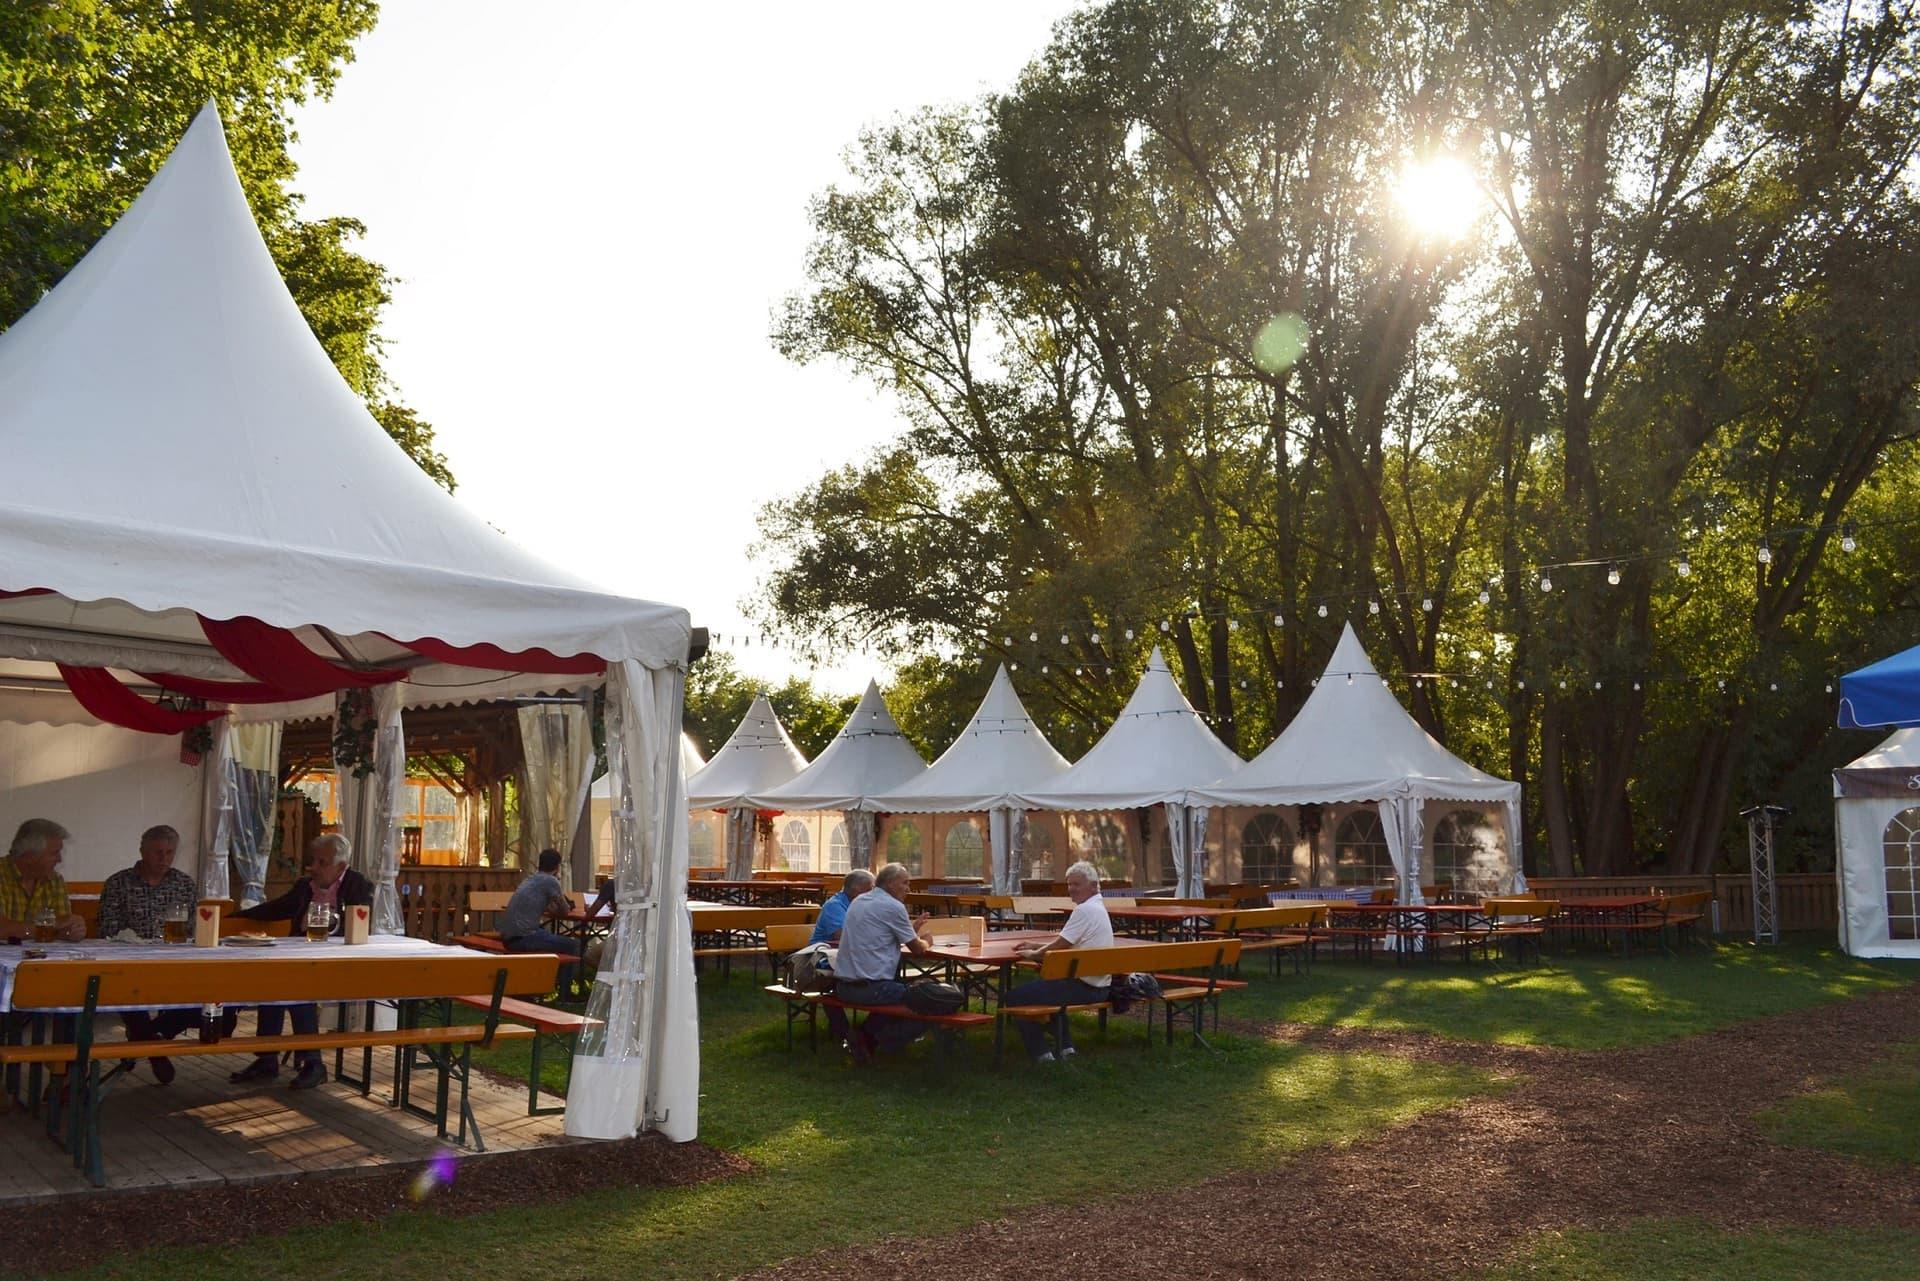 Festwirtsfamilie Hahn feiert Kirchweih im Regensburger Stadtpark Leckere Schmankerl und zünftige Wirthausmusik warten auf die Gäste